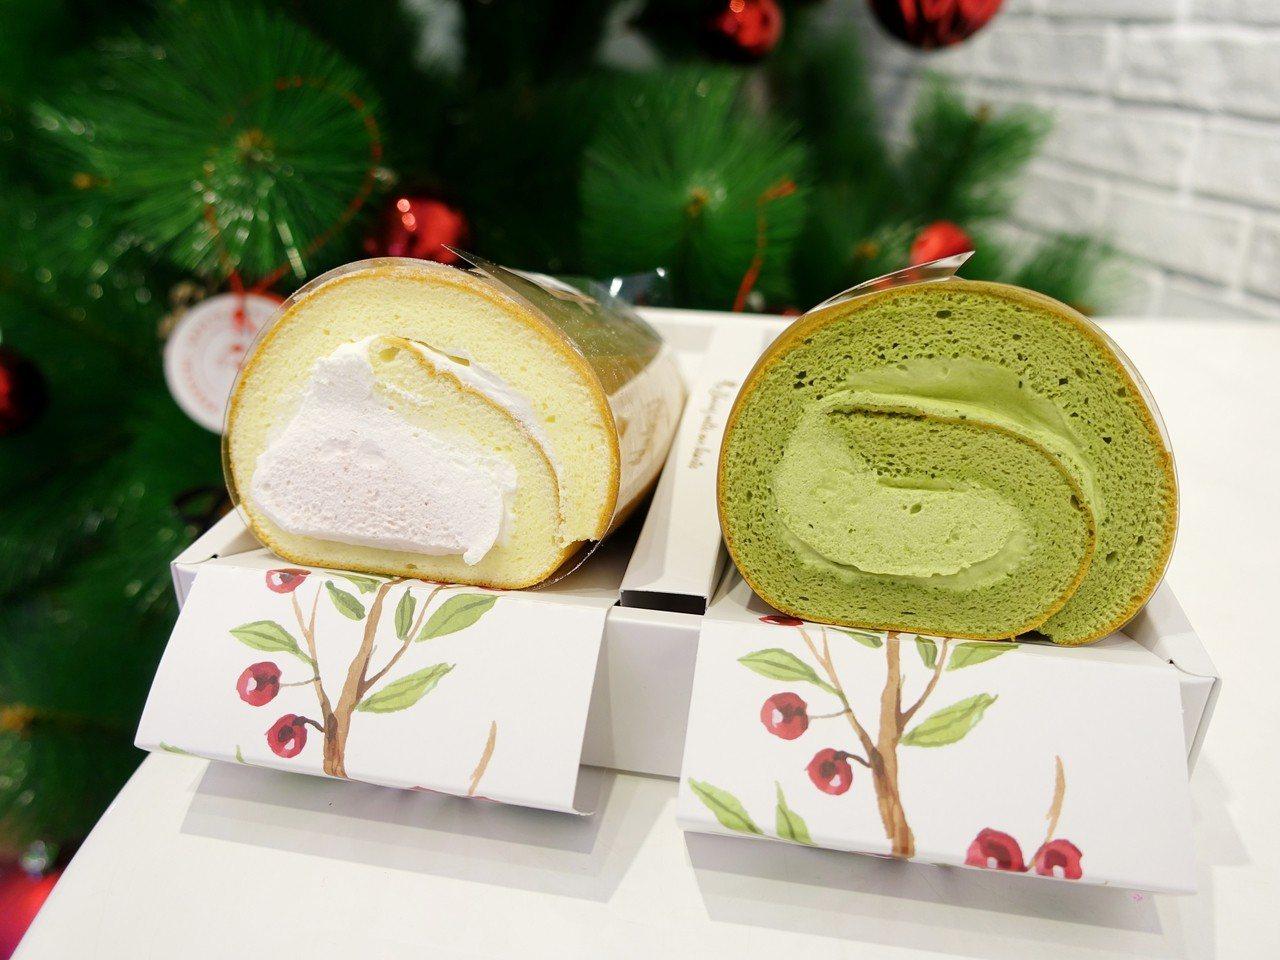 生乳捲雙捲禮盒(草莓雙漩+靜岡抹茶),售價555元。記者張芳瑜/攝影